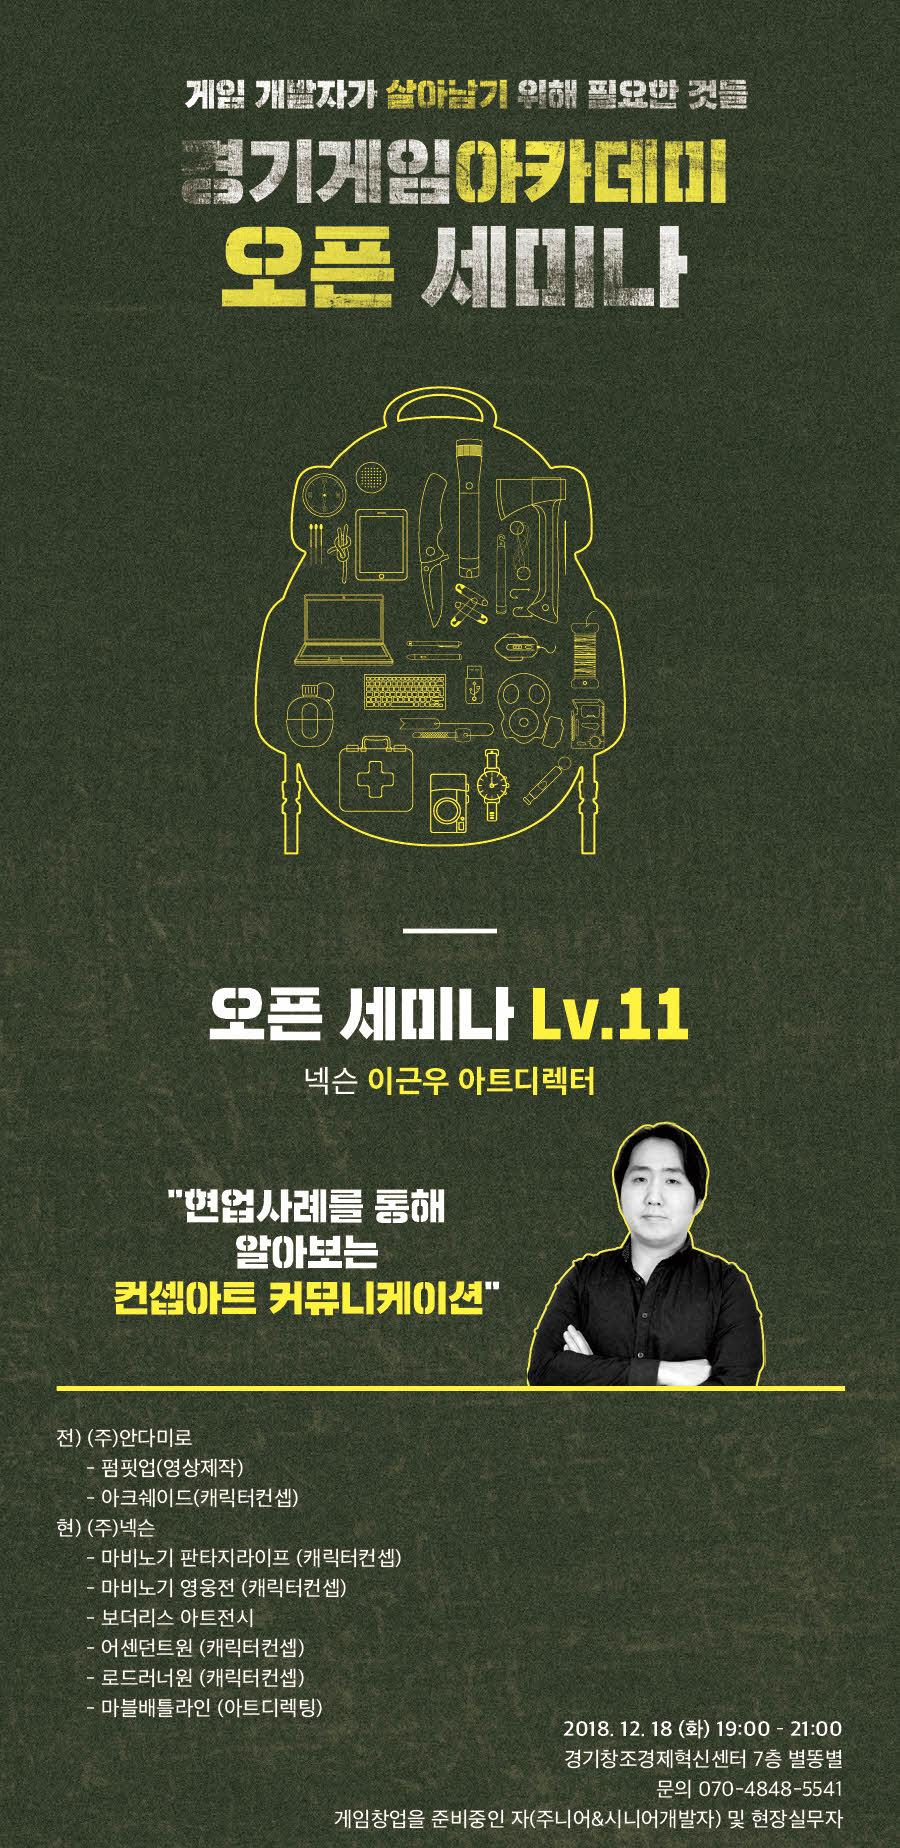 _gg_gameacademy_webpage_seminar_Lv11_1.jpg